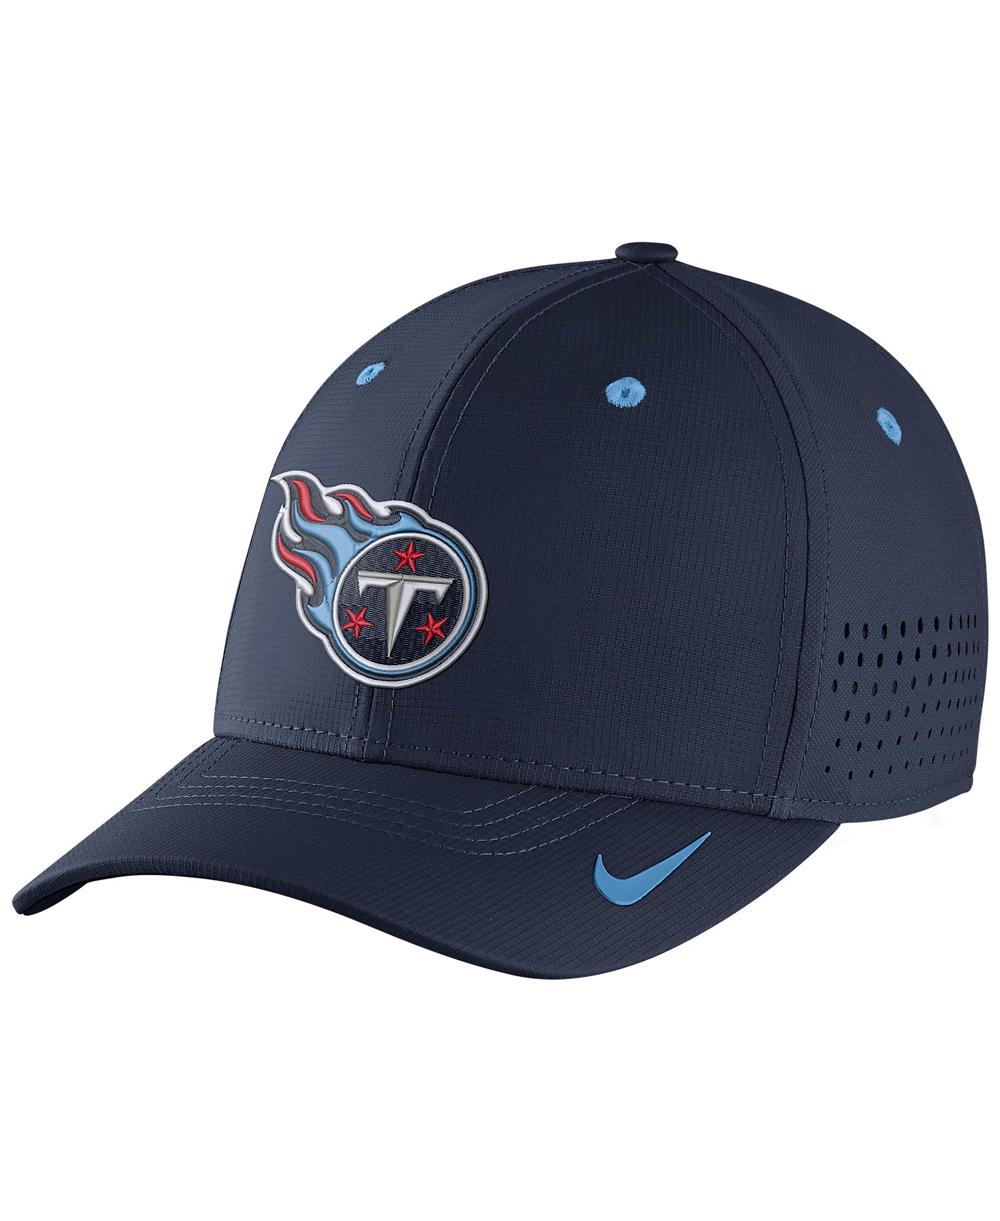 Legacy Vapor Swoosh Flex Casquette Homme NFL Titans